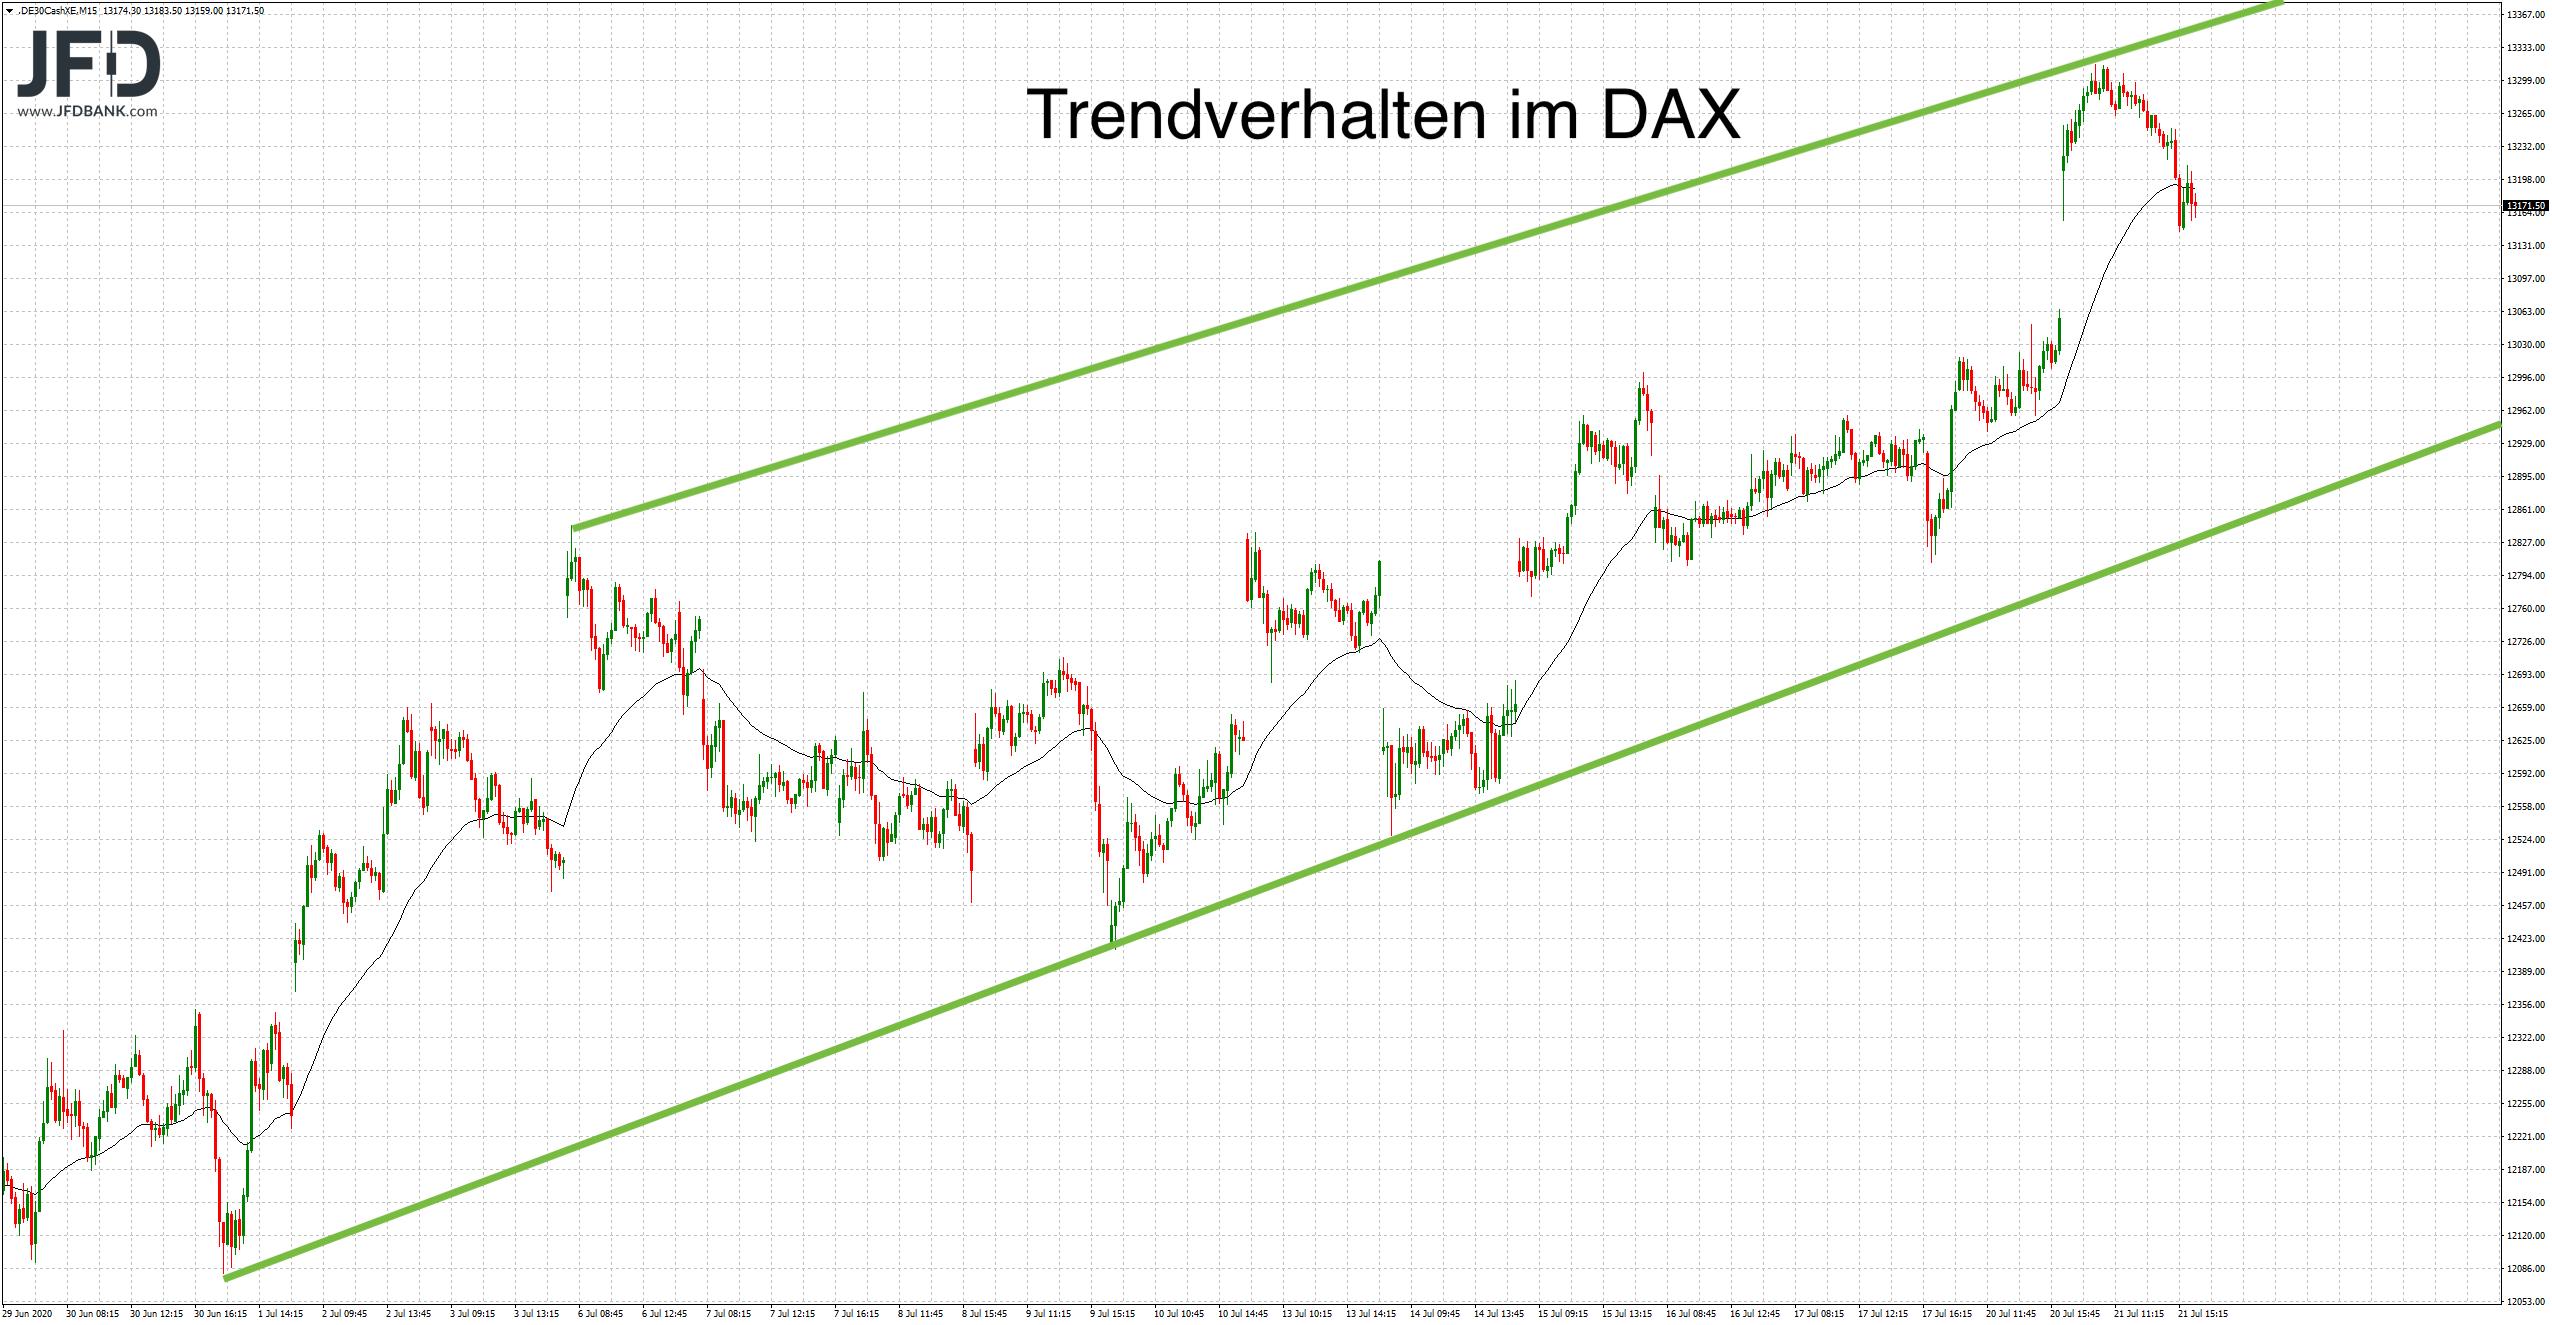 DAX-Trend am Dienstag fortgesetzt